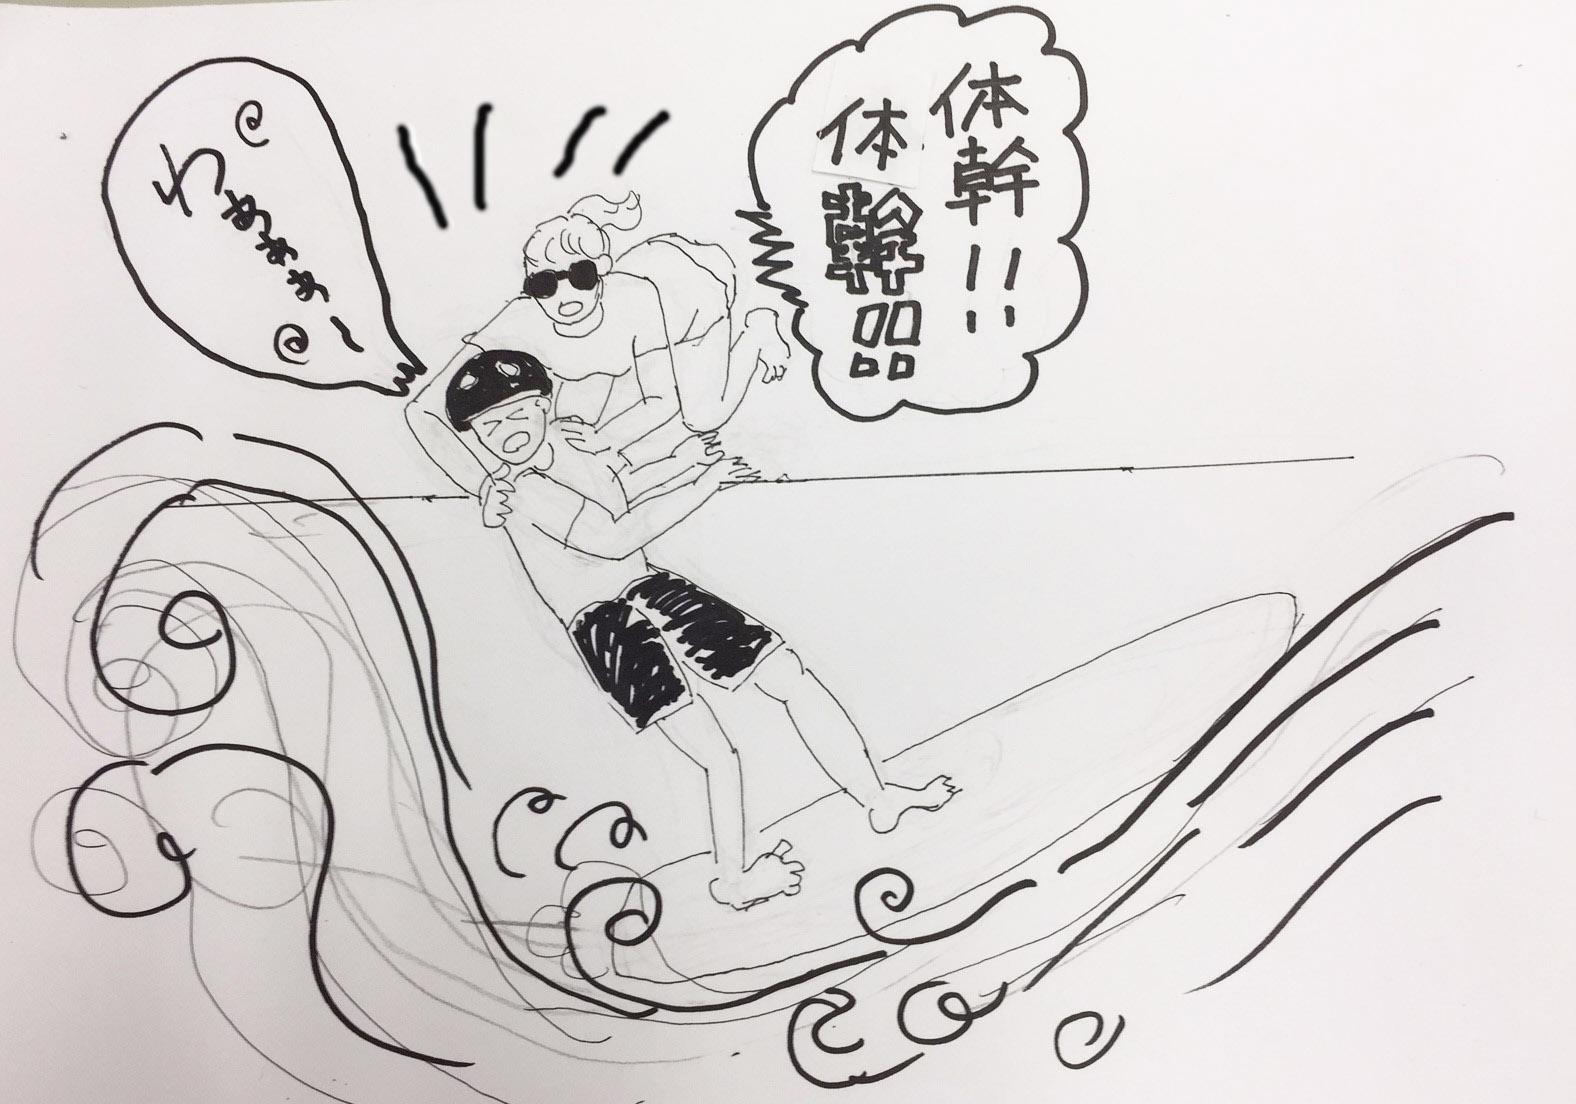 スポル 大井町人工波サーフィン